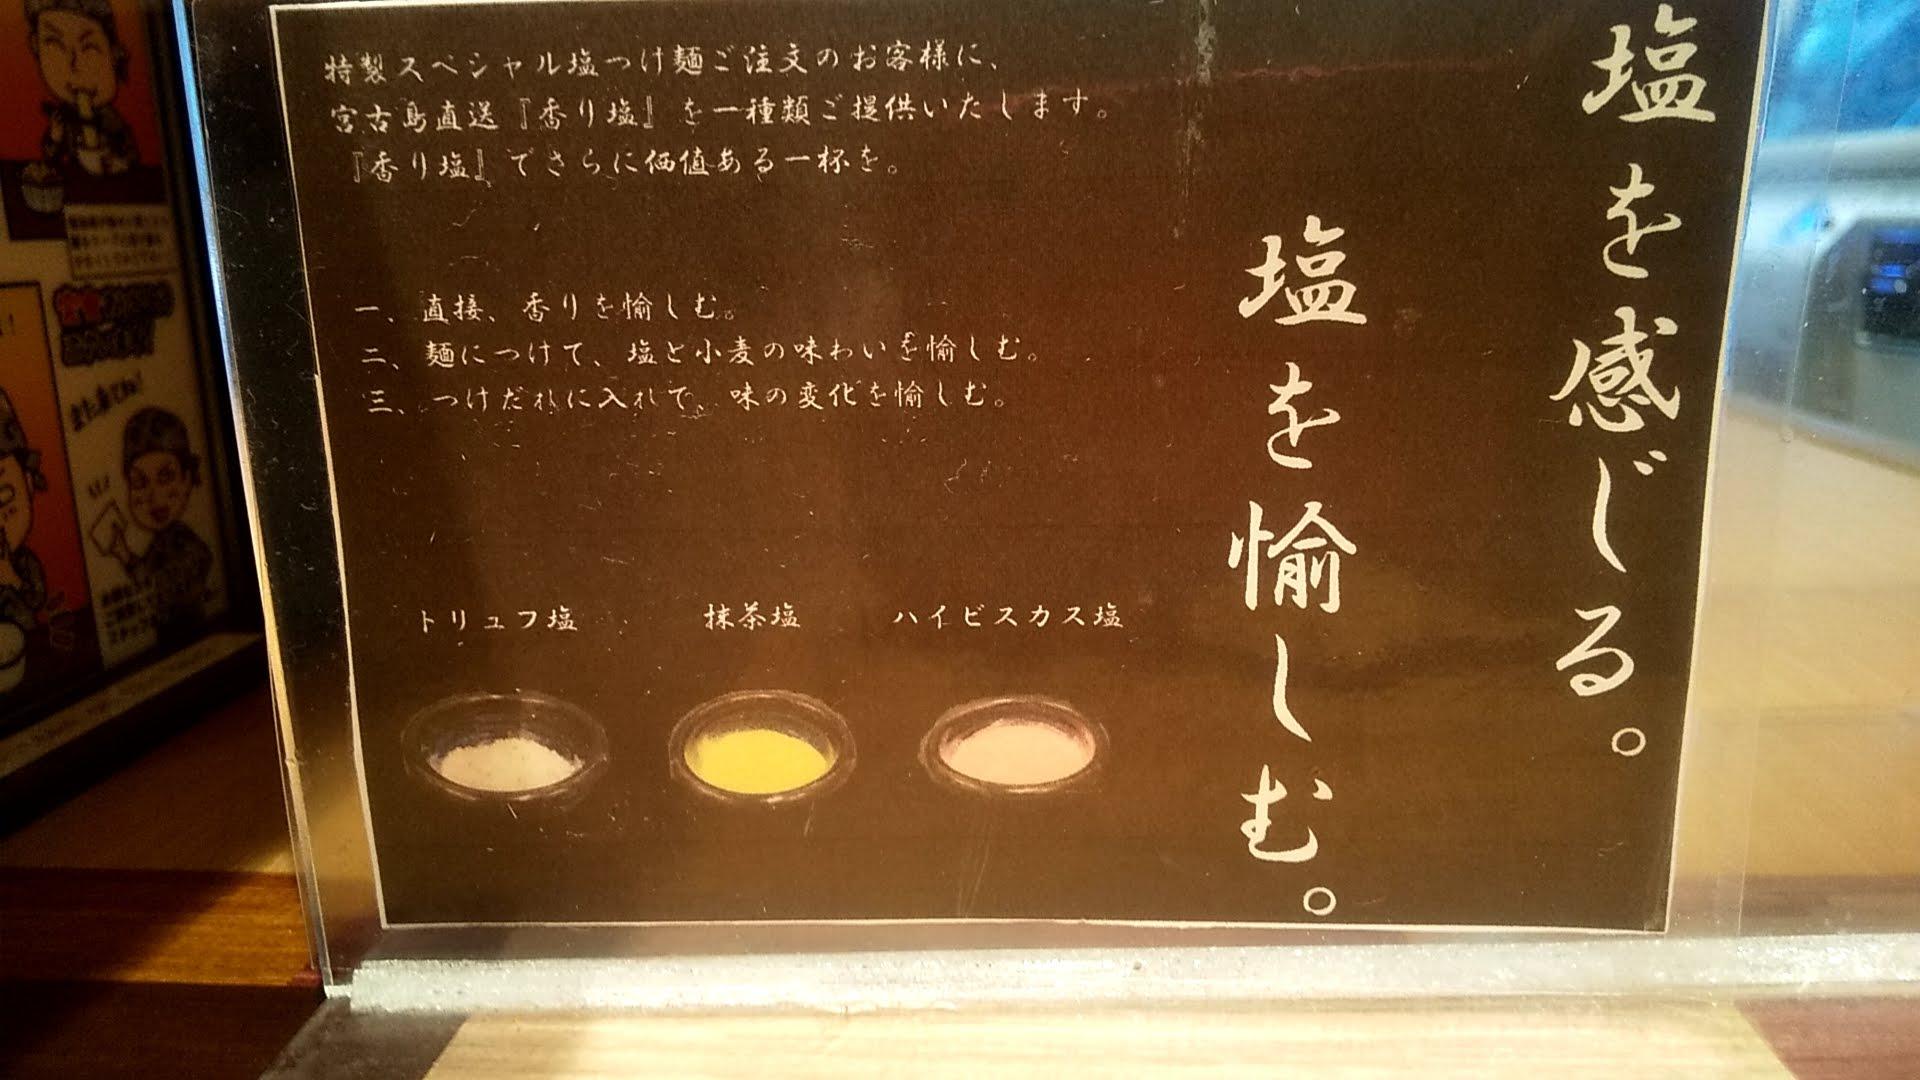 塩つけ麺灯花の3種類の塩の写真